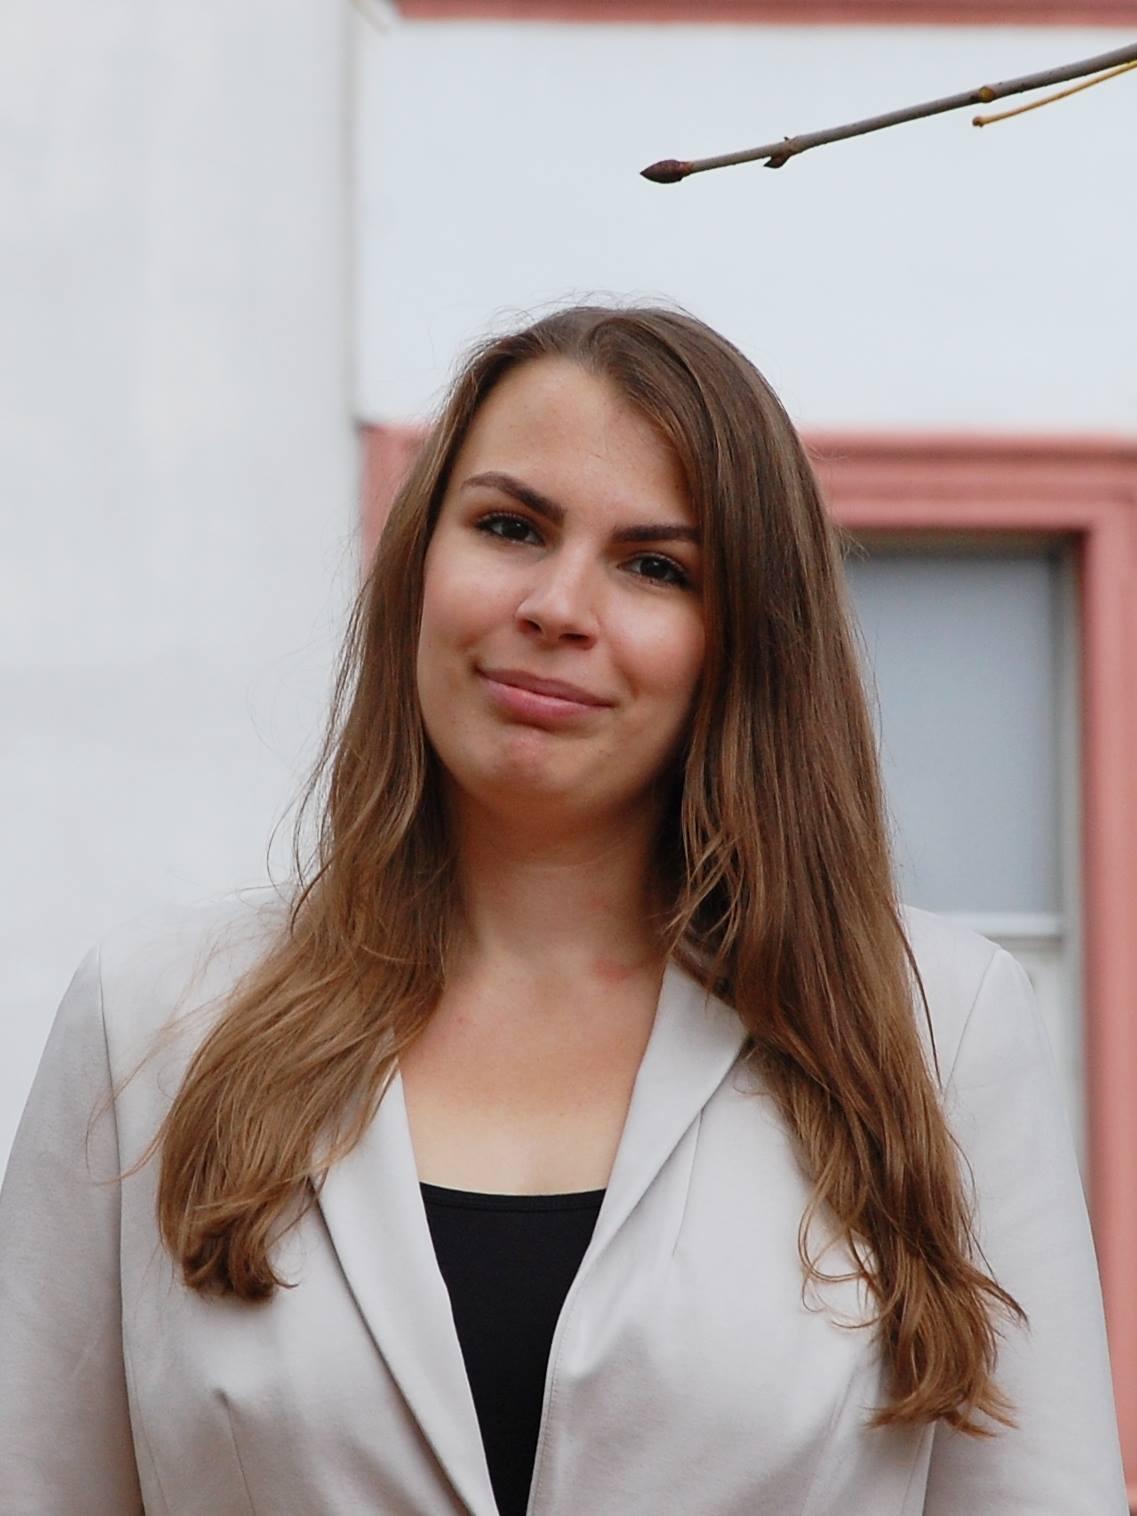 Tamara Reimund